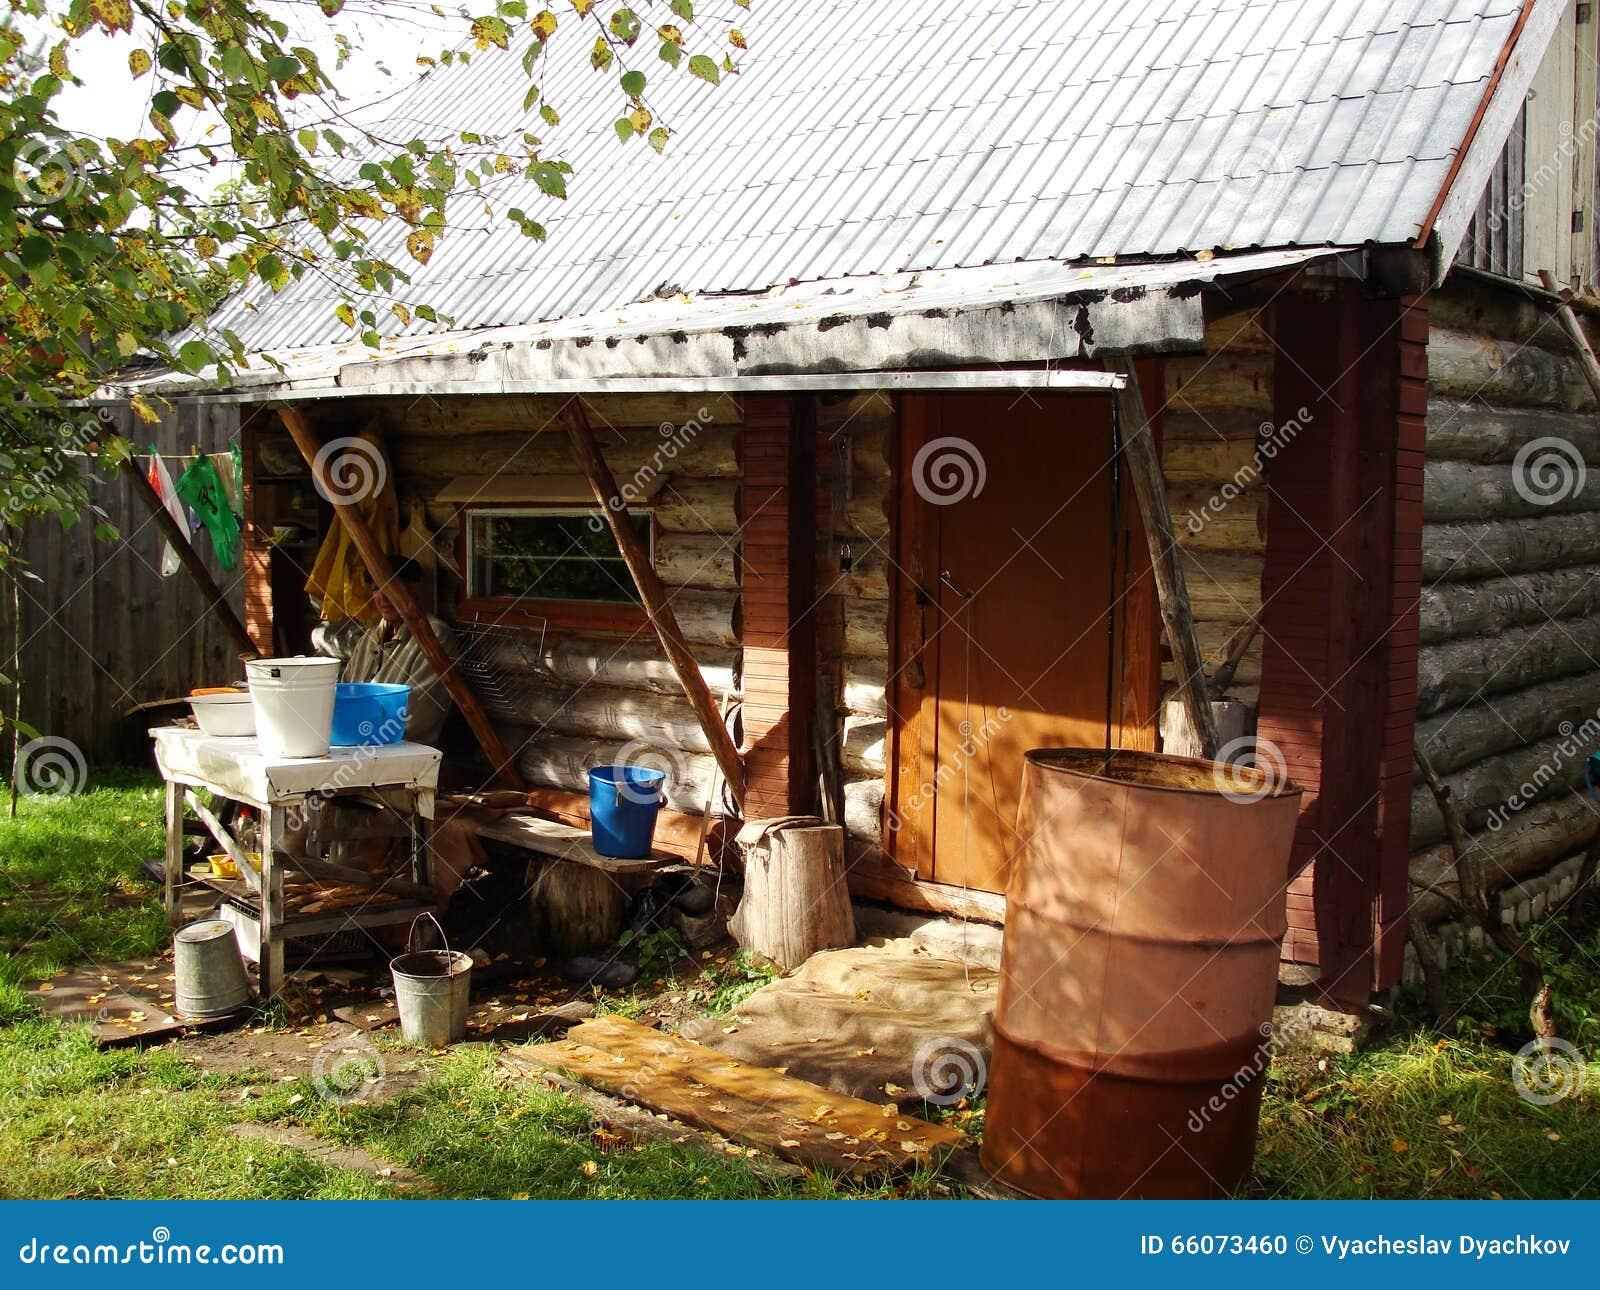 Vasca Da Bagno Rustica : Poche vasche da bagno rustiche del ferro della cabina di ceppo per